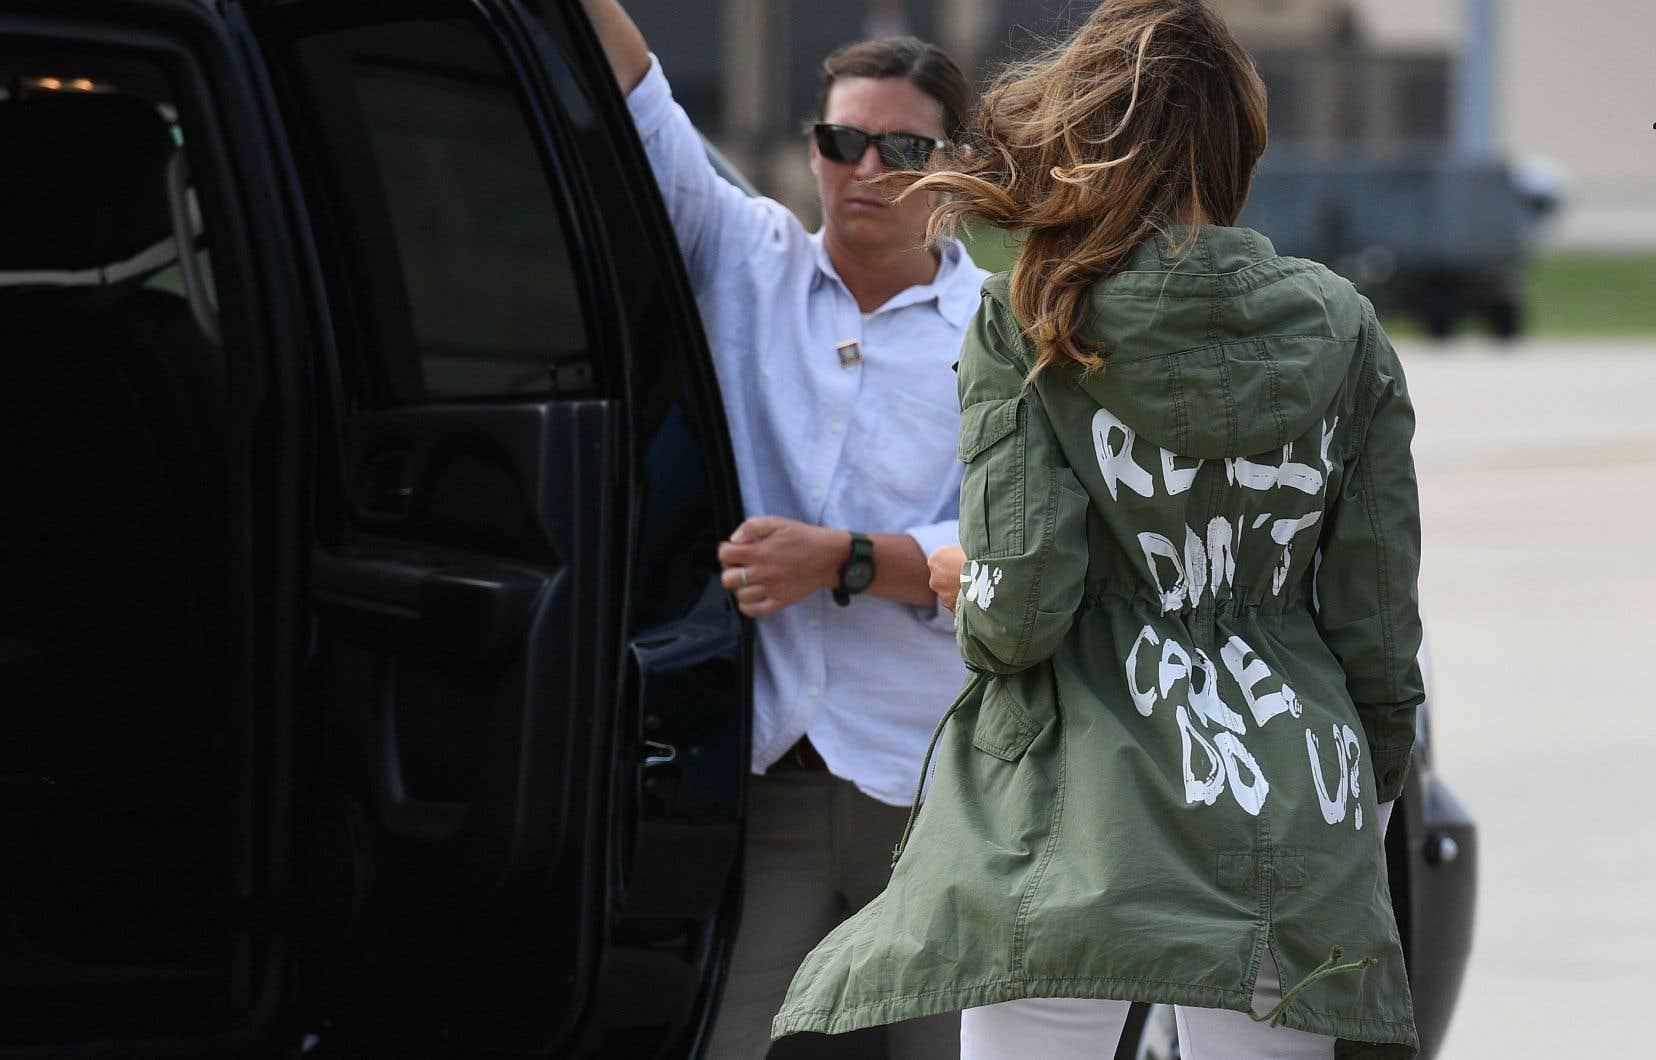 Malgré les bonnes intentions qu'avait Melania Trump, jeudi, c'est sa veste, qui arborait la phrase «I really don't care, do u?» («Je m'en fiche complètement. Et vous?»), qui a retenu toute l'attention. À l'atterrissage à McAllen au Texas, MmeTrump s'était changée et ne portait plus la veste kaki de style militaire.